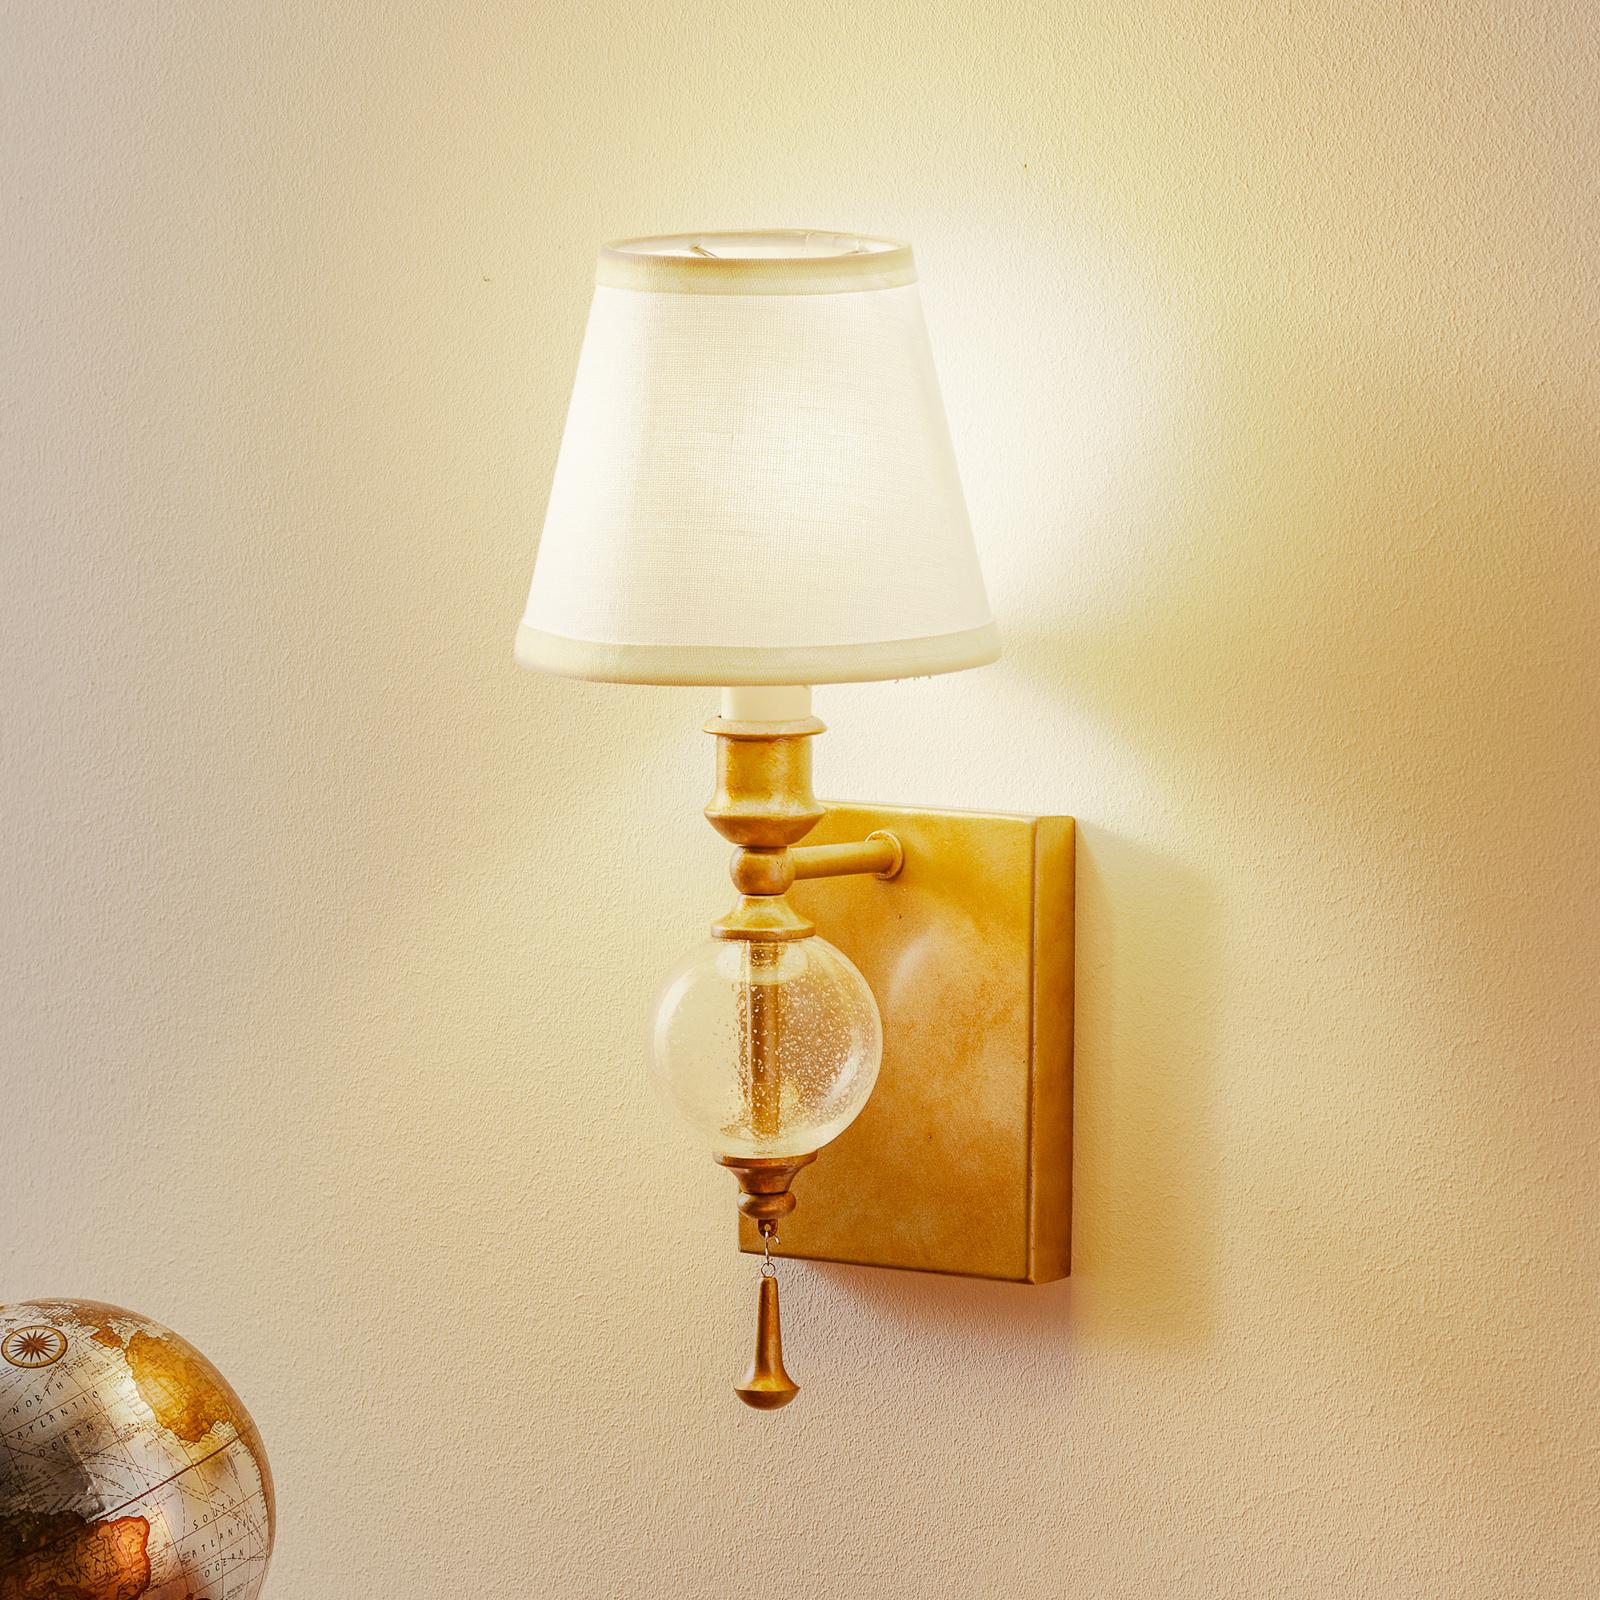 Argento - vegglampe med vakkert lys.